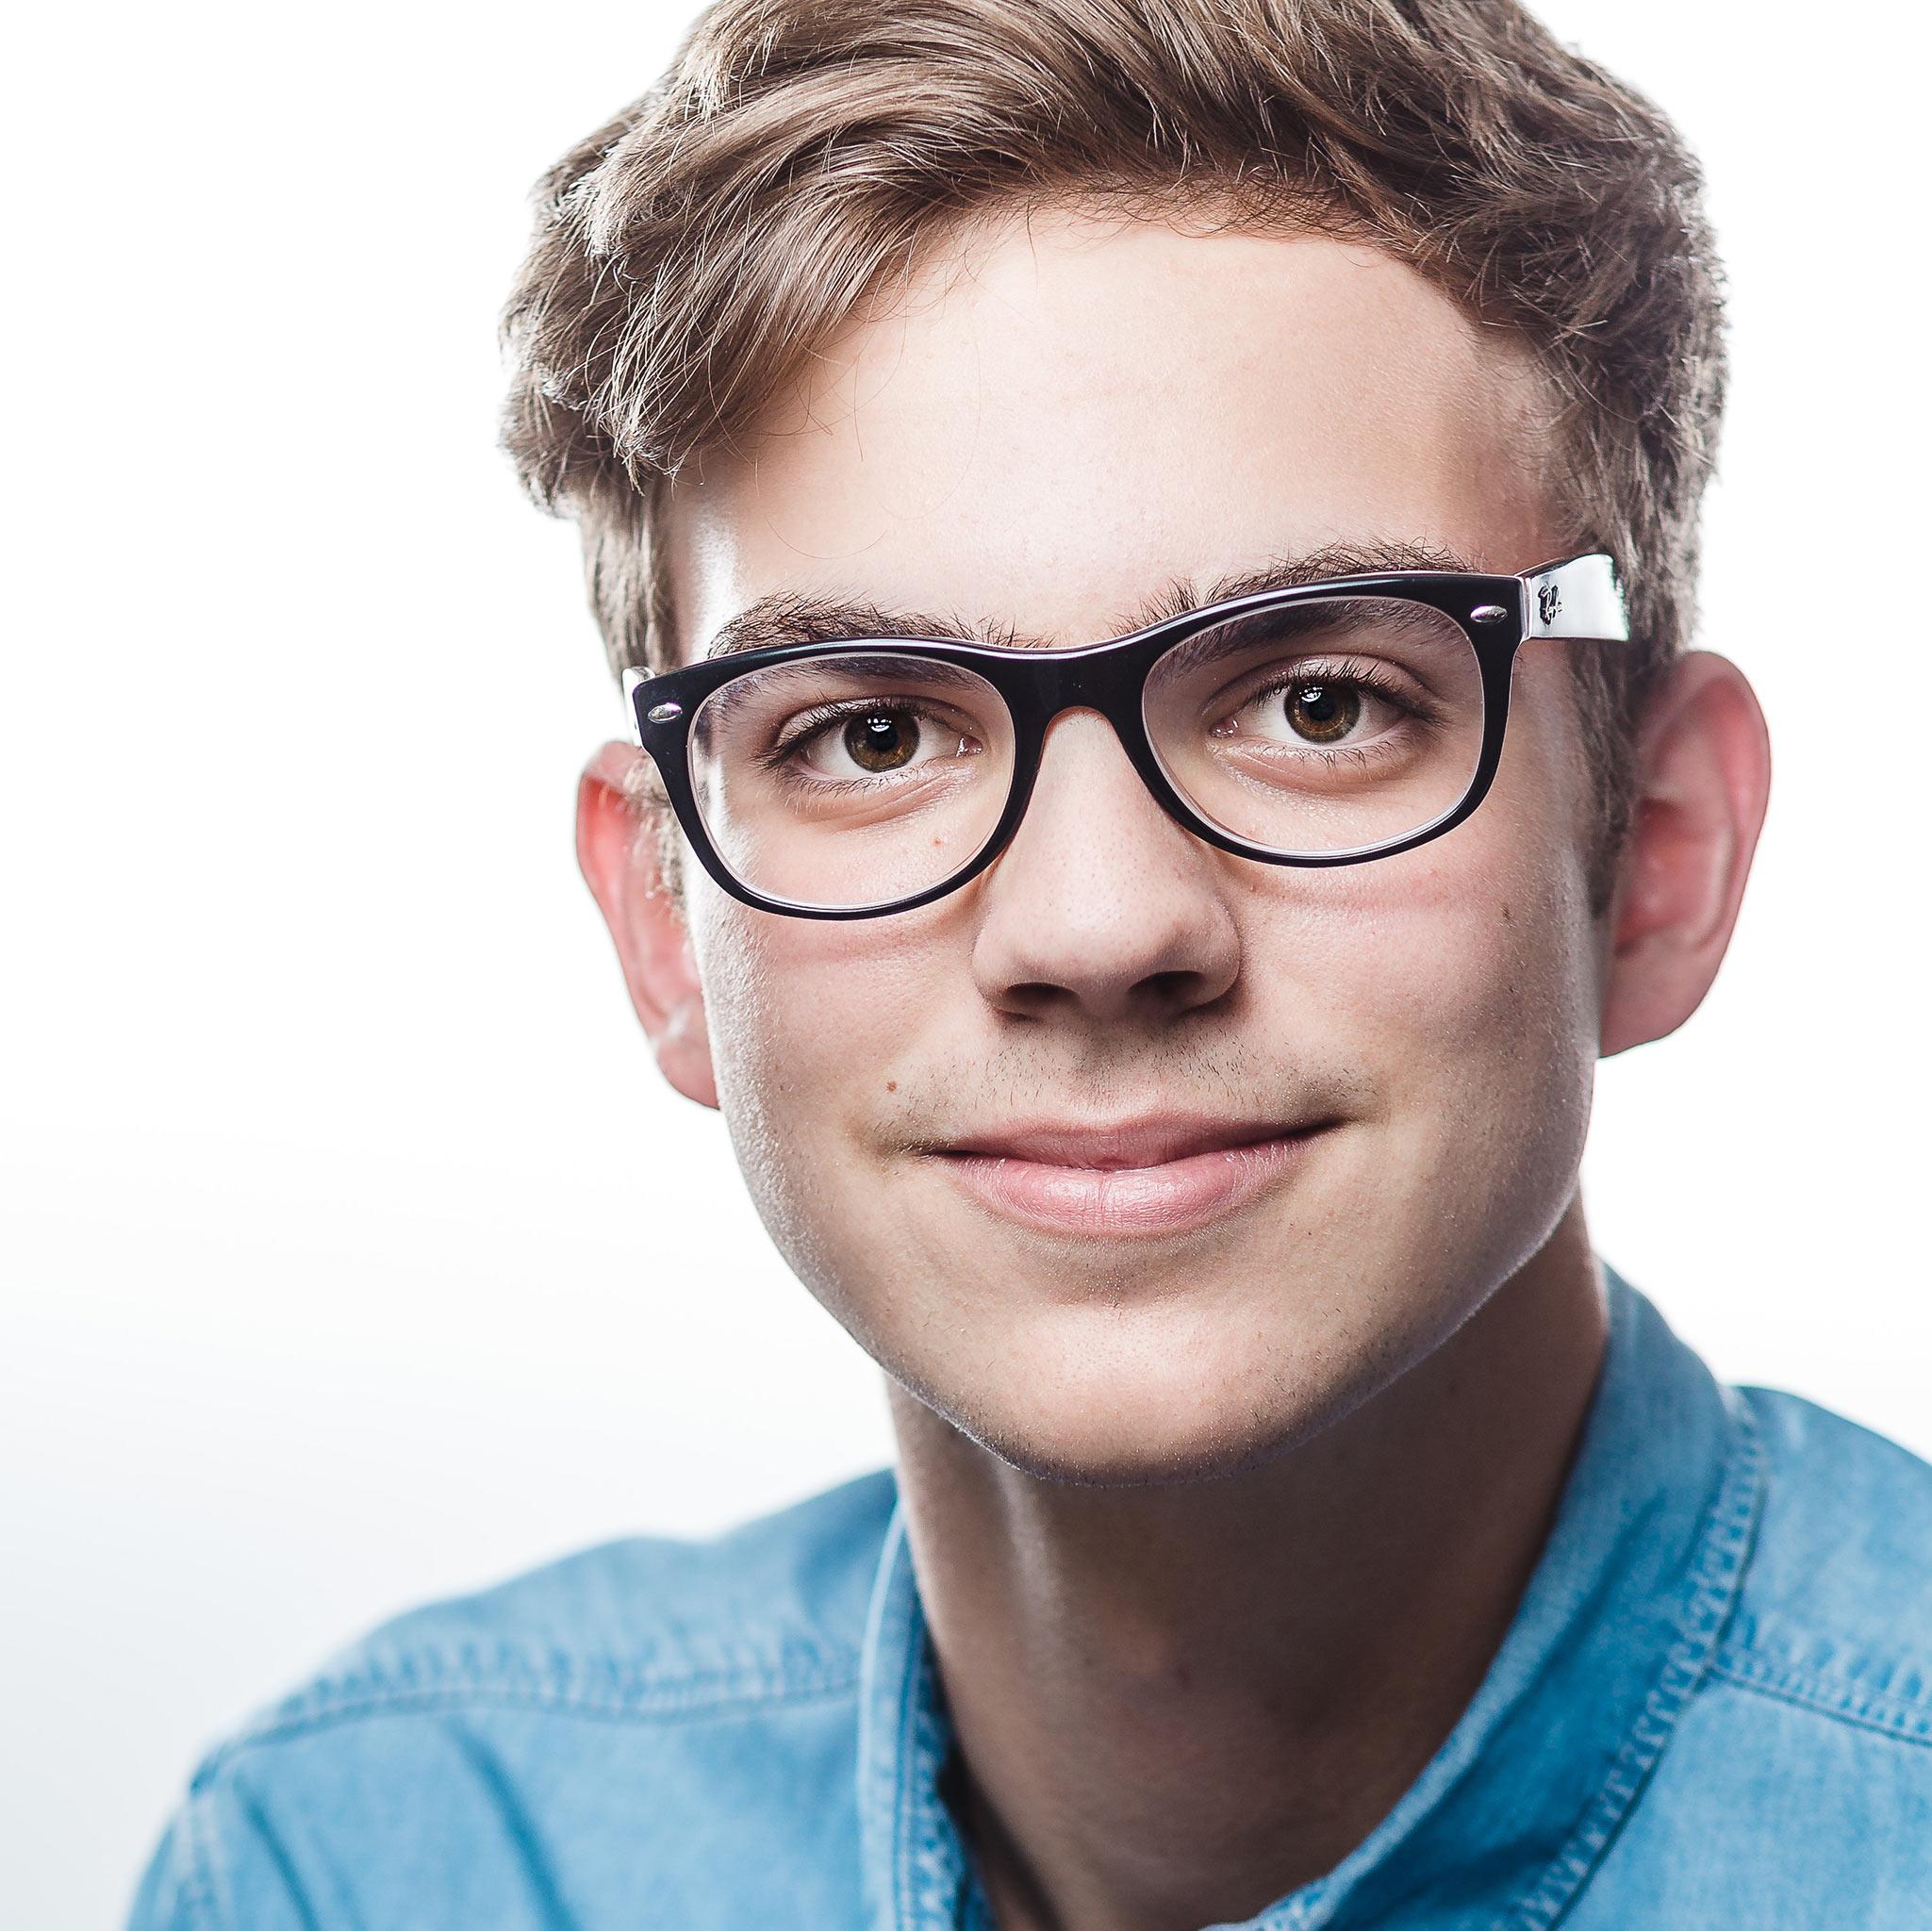 Markus Schneeberger Businessfotografie - headshot flo - Headshotportrait